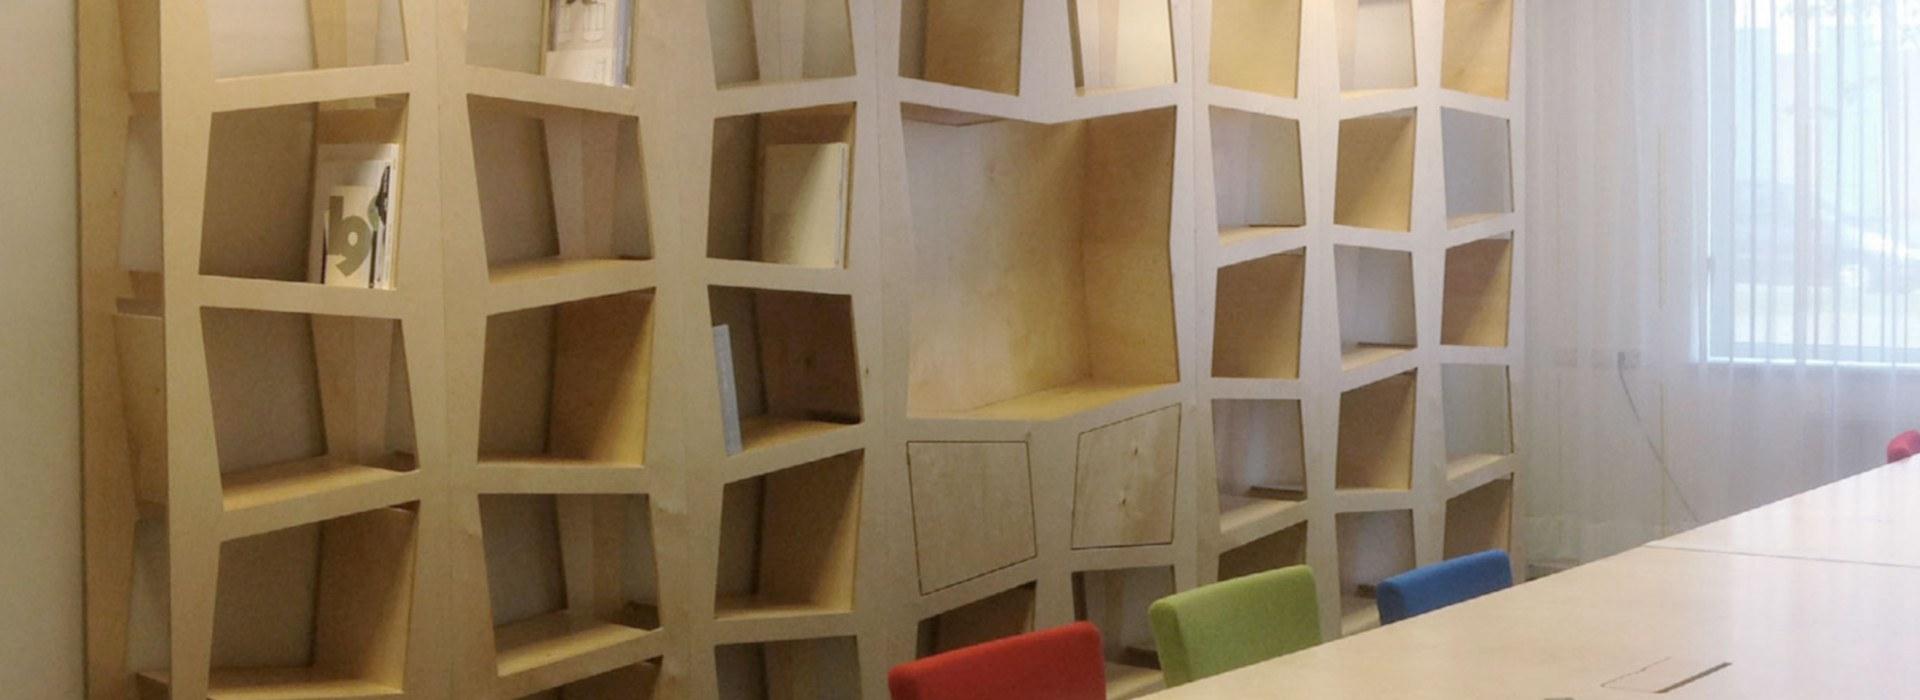 6 Degrees boekenkast